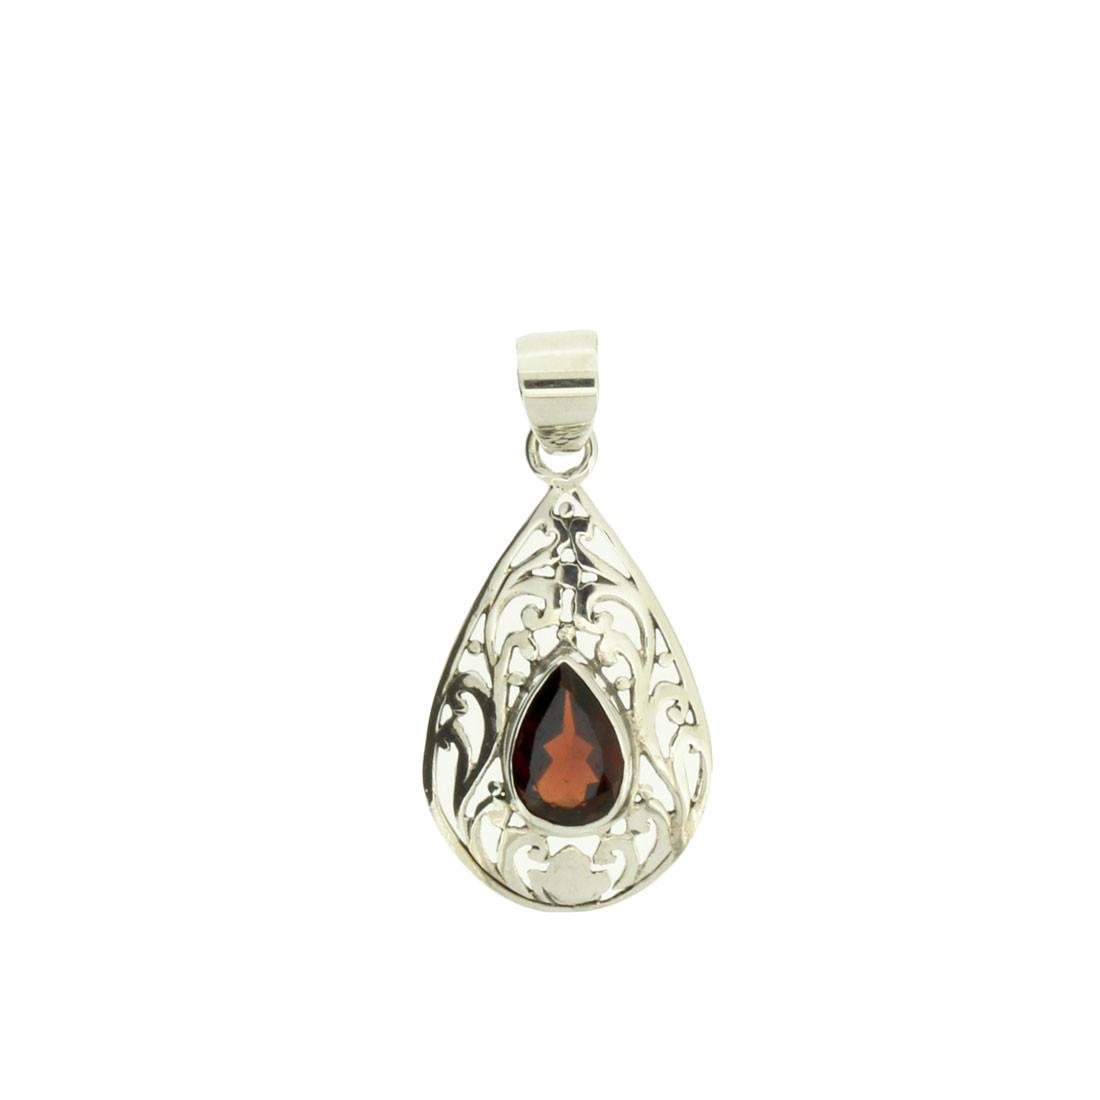 Faceted Red Garnet Teardrop Shape Pendant Sterling Silver Jewelry